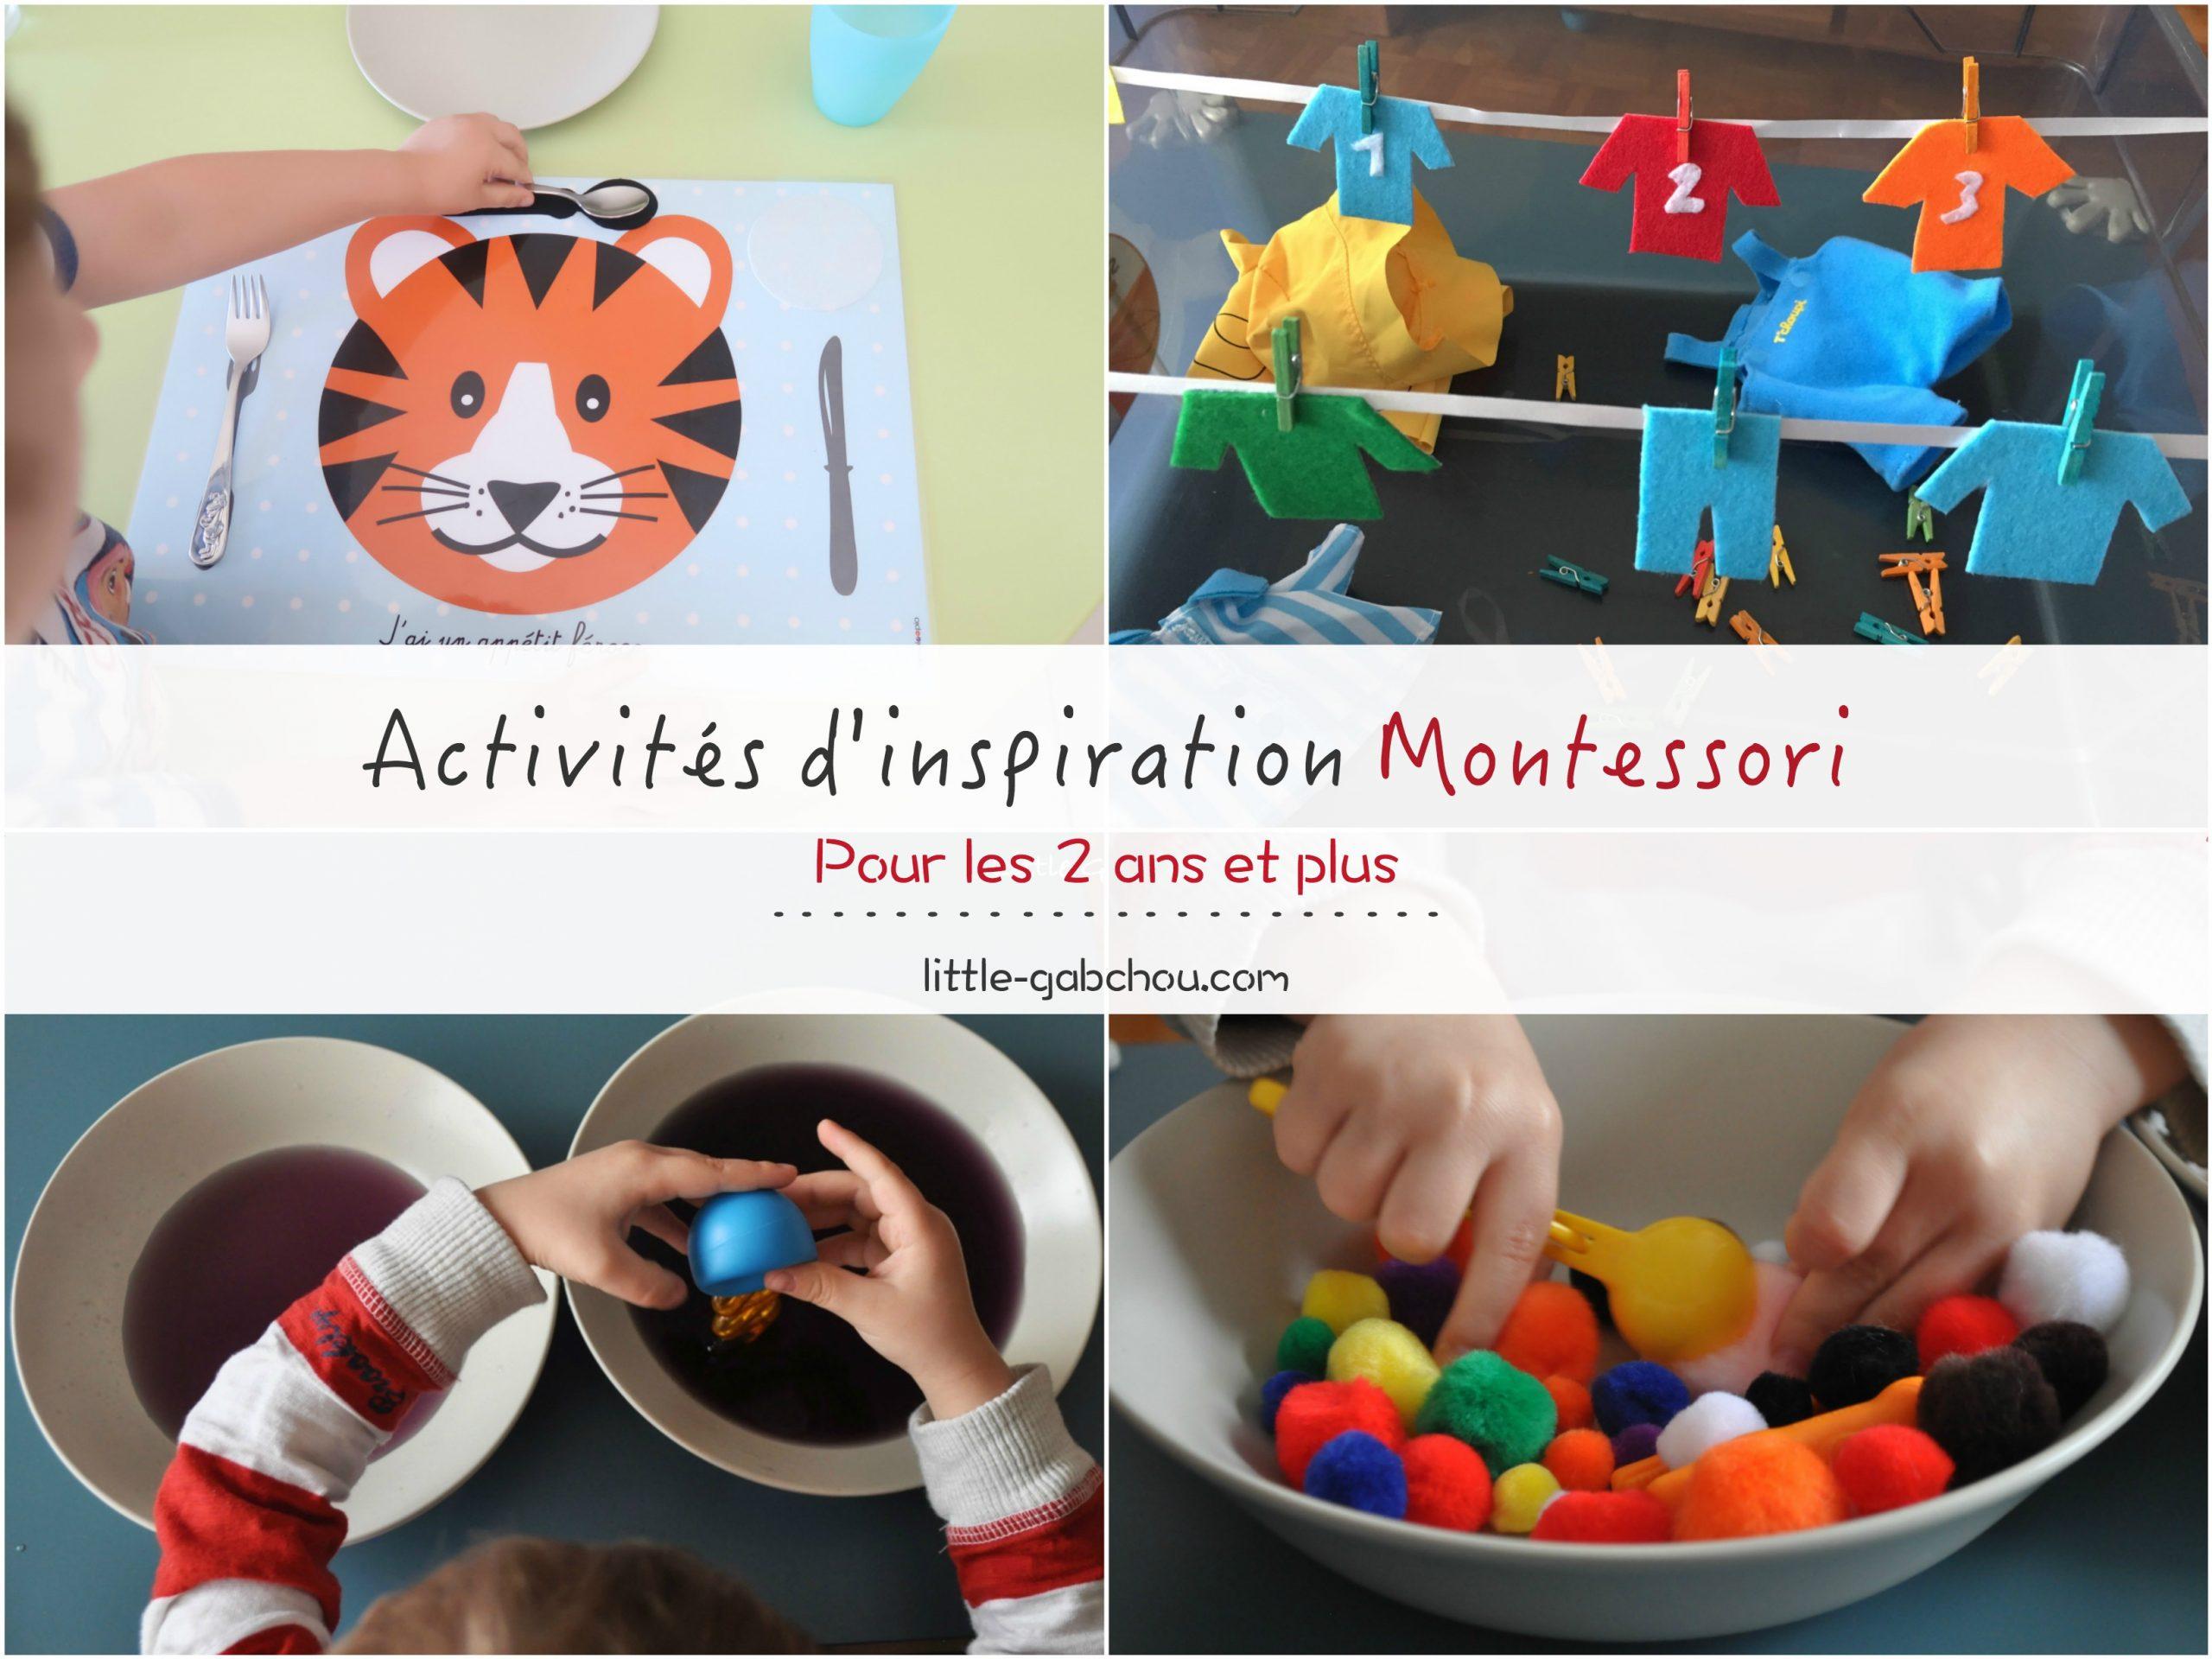 Nos Activités Préférées D'inspiration Montessori Pour Les 2 dedans Jeux De Garçon 3 Ans